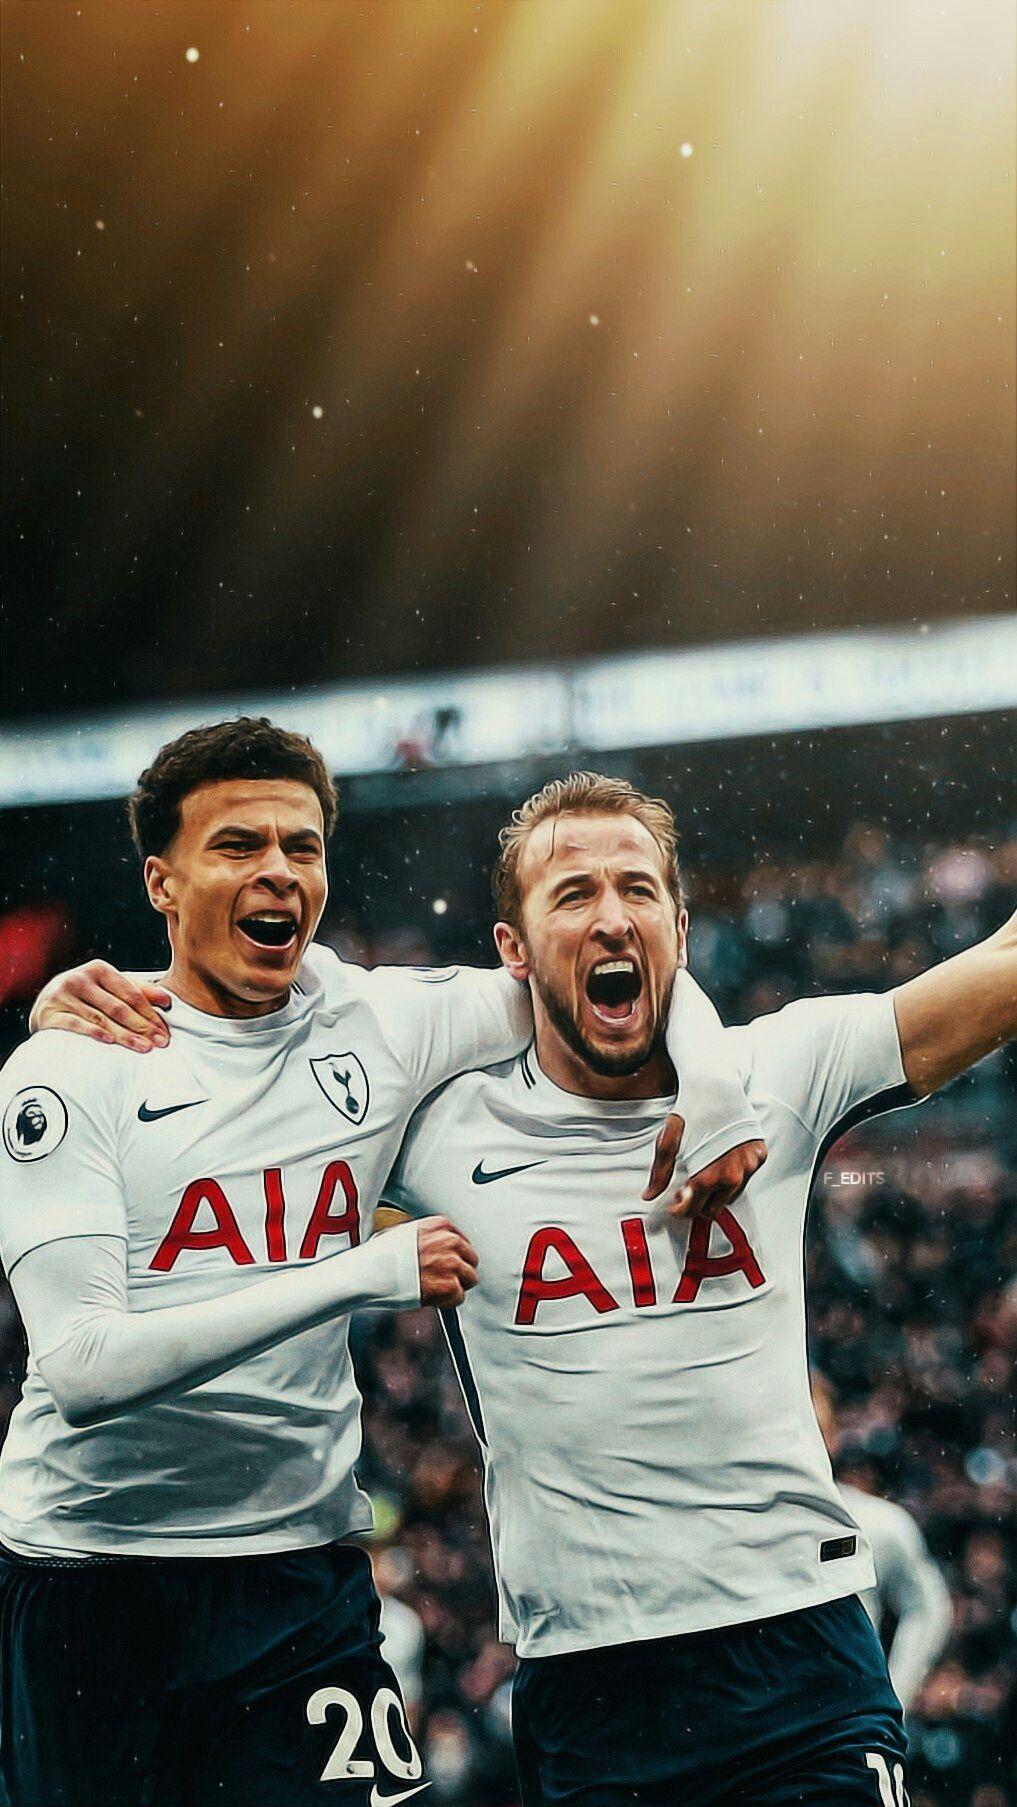 Harry Kane Delle Alli Soccer Man Crushes Tottenham hotspur 1017x1807